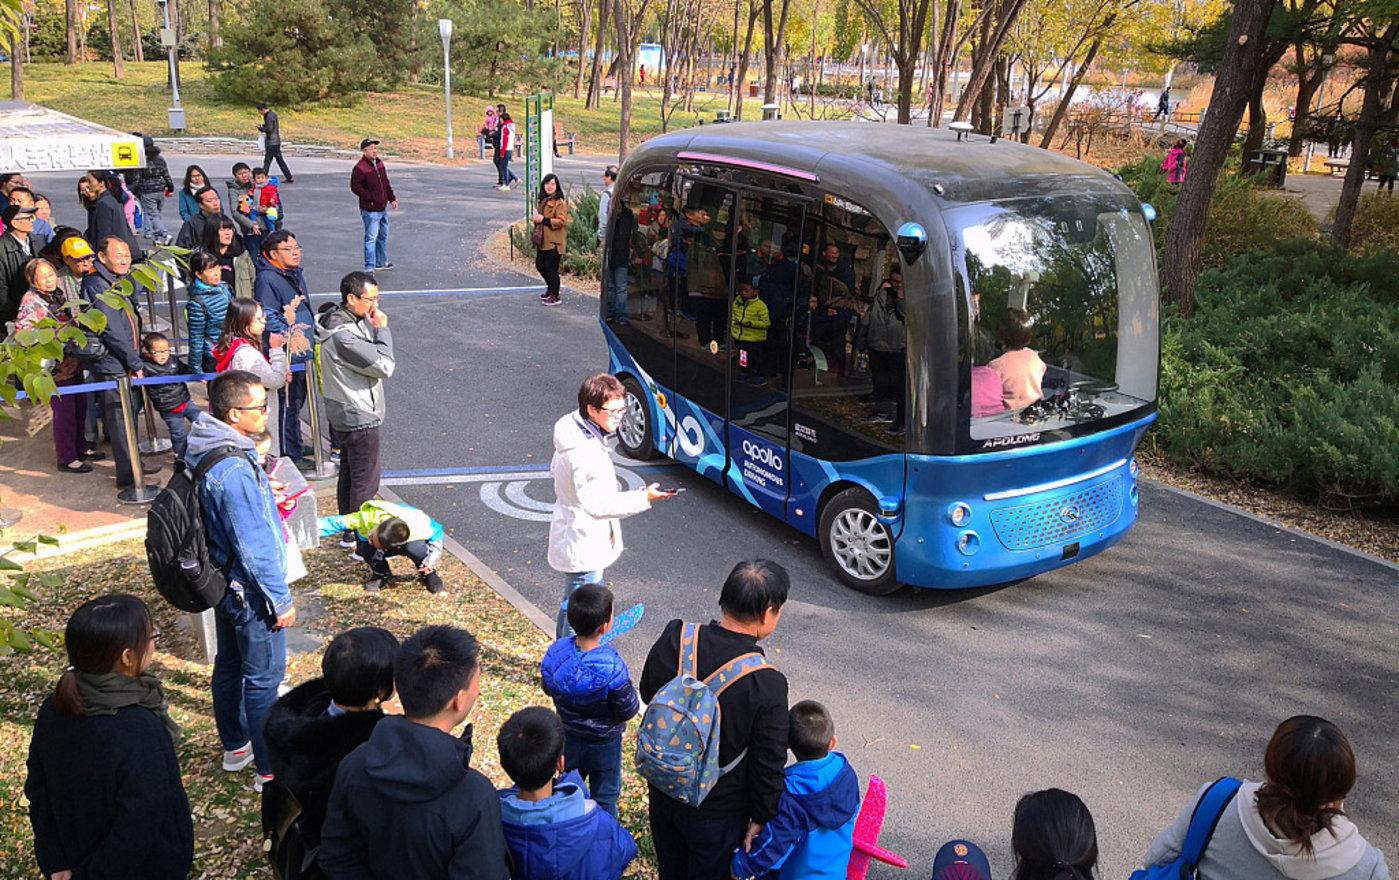 """百度阿波龙L4级别自动驾驶巴士""""在公园两门之间里免费接驳游人"""